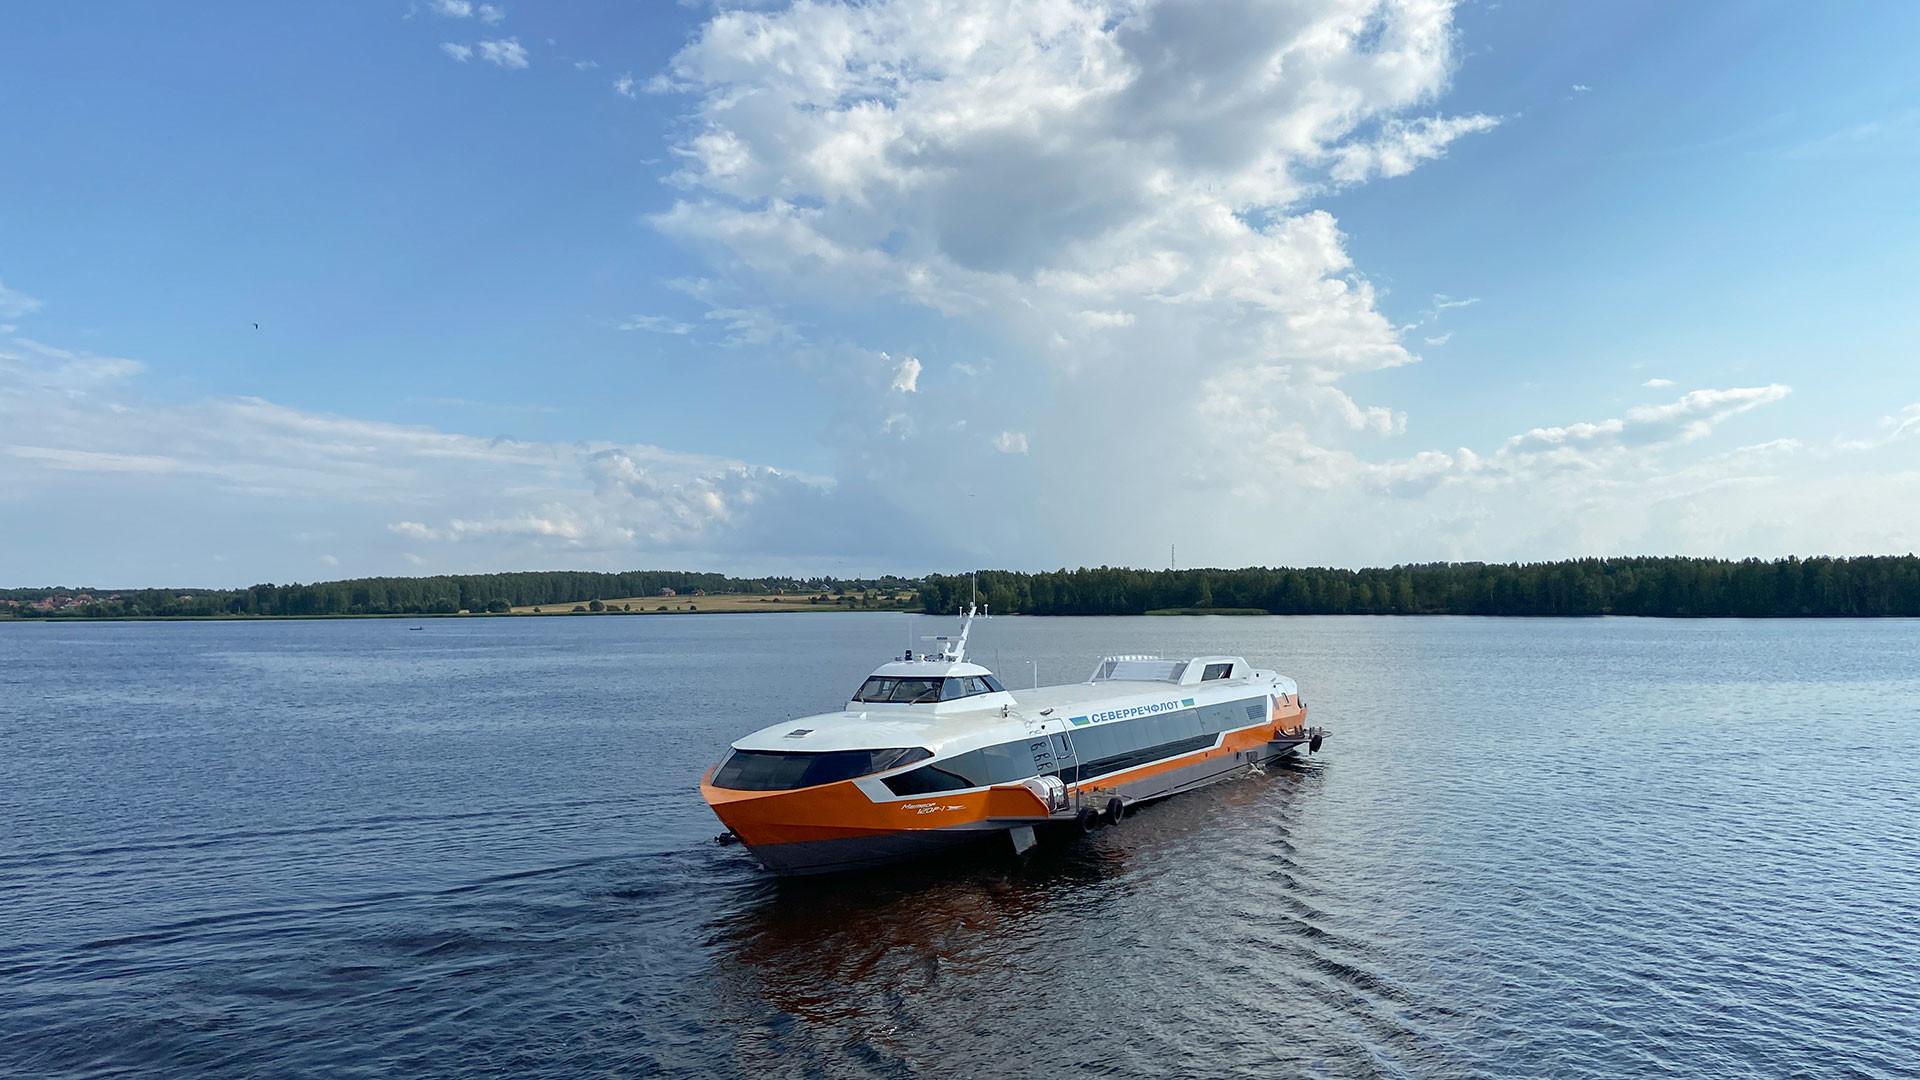 """Русија, Нижегородска област, 3.08.2021. Свечано спуштање на воду брода са подводним крилима  """"Метеор 120Р"""" (брзи путнички брод дизајниран за превоз 120 људи на удаљености до 600 км)."""